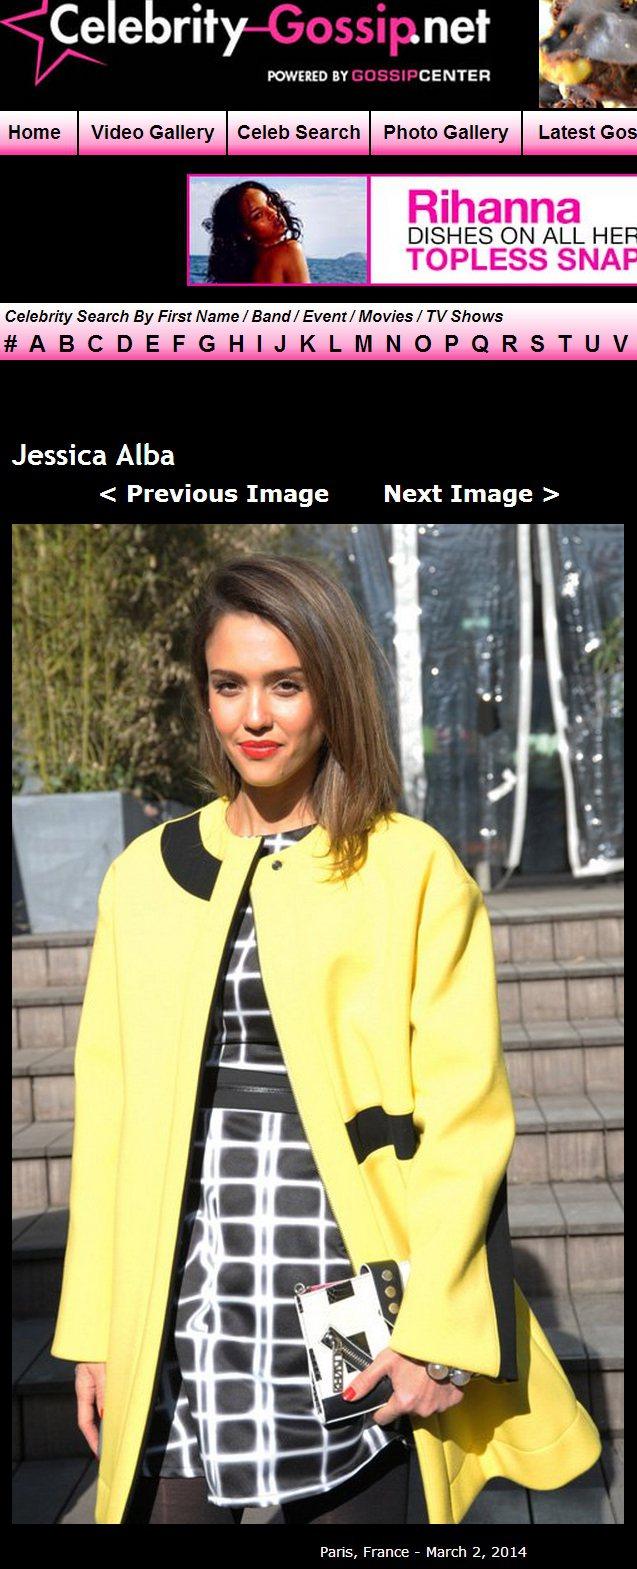 好萊塢甜心潔西卡艾芭以燦爛的黃外套點亮秀場,凸顯了黑白洋裝帶來的前衛幾何風情。圖...